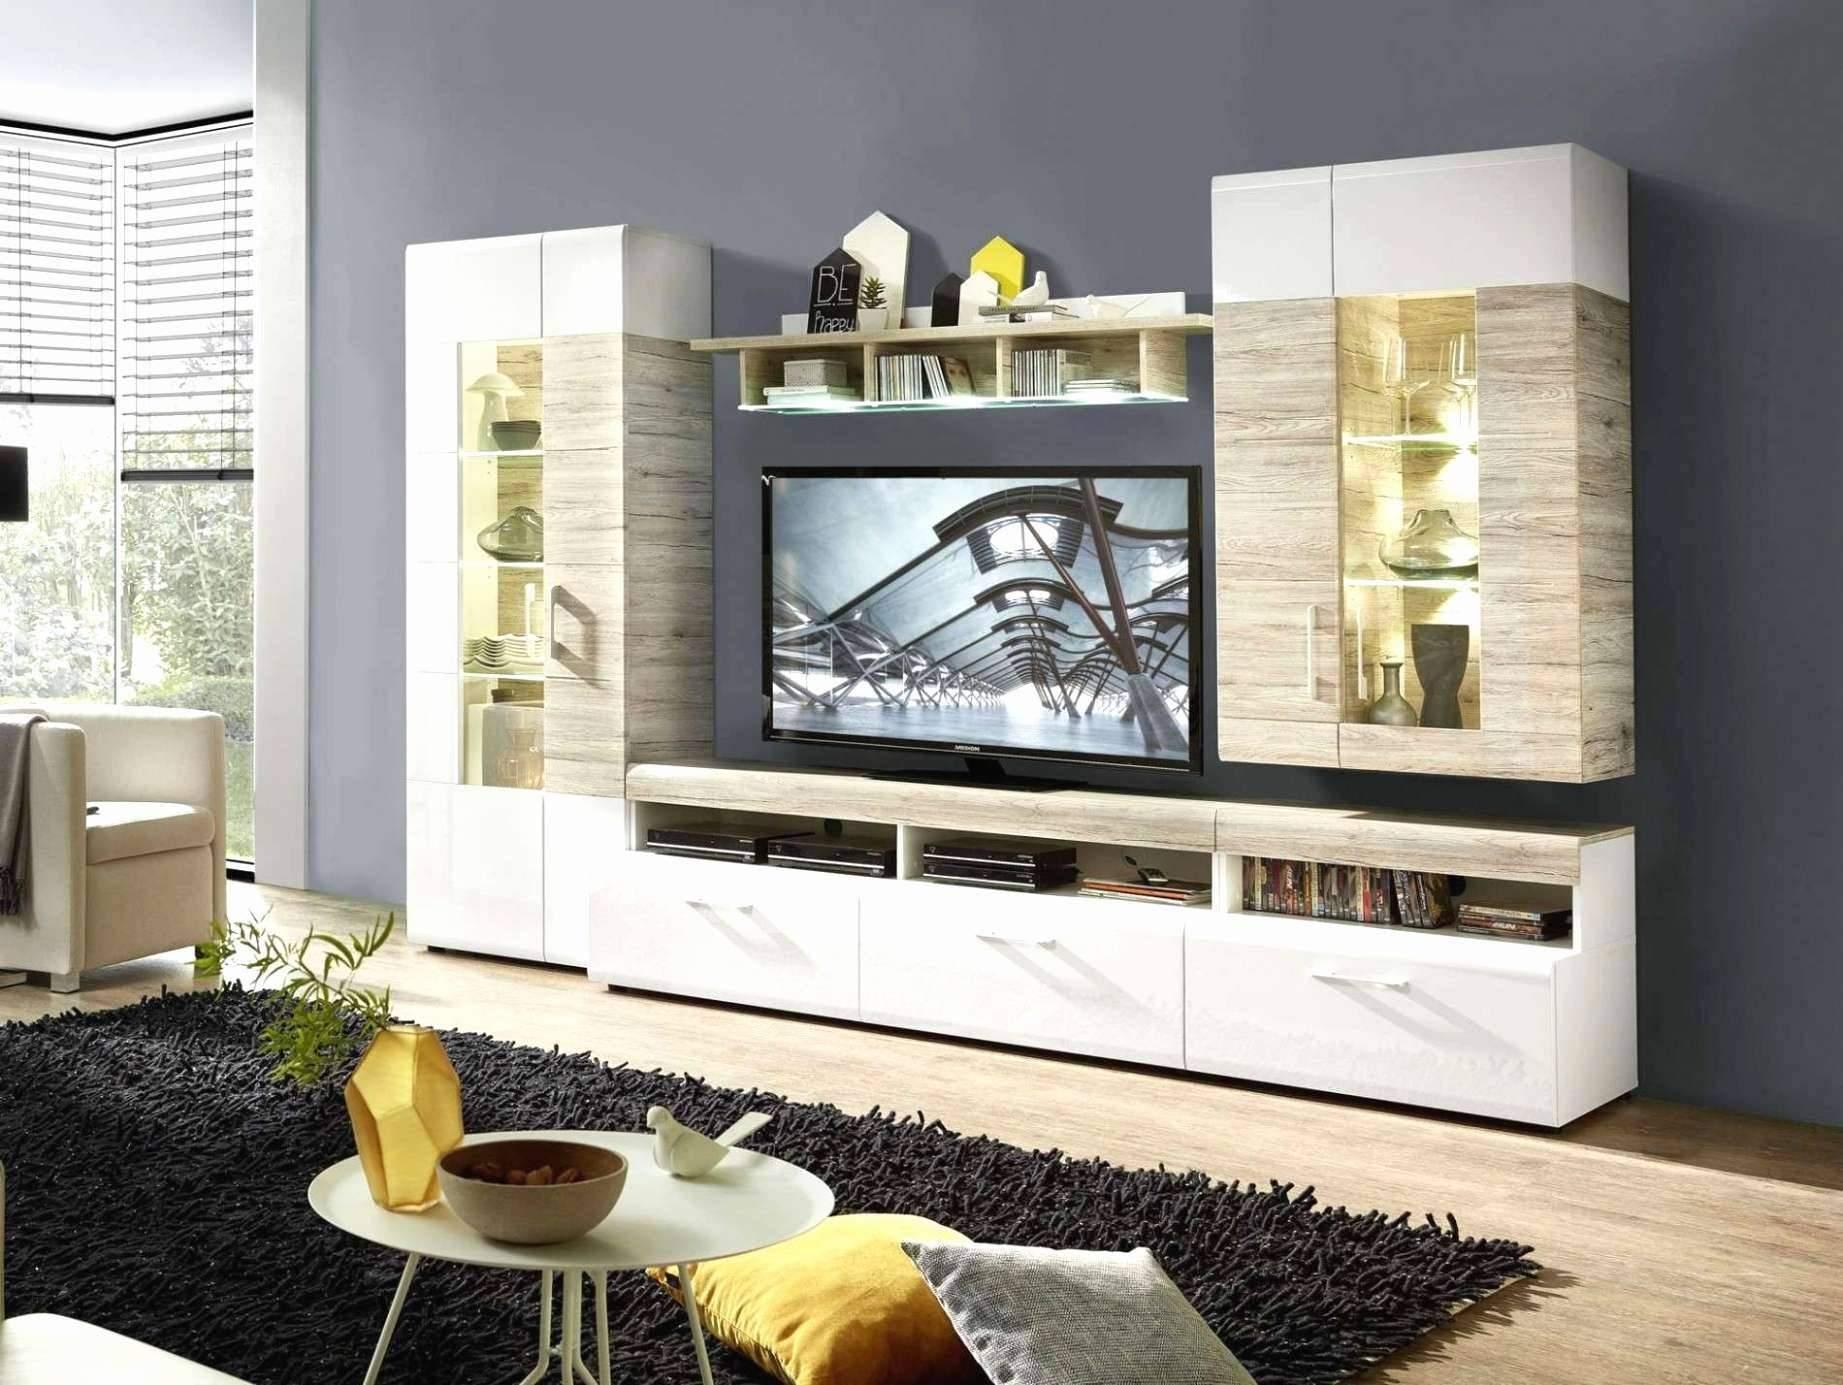 moderner landhausstil wohnzimmer neu einzigartig moderner landhausstil wohnzimmer of moderner landhausstil wohnzimmer